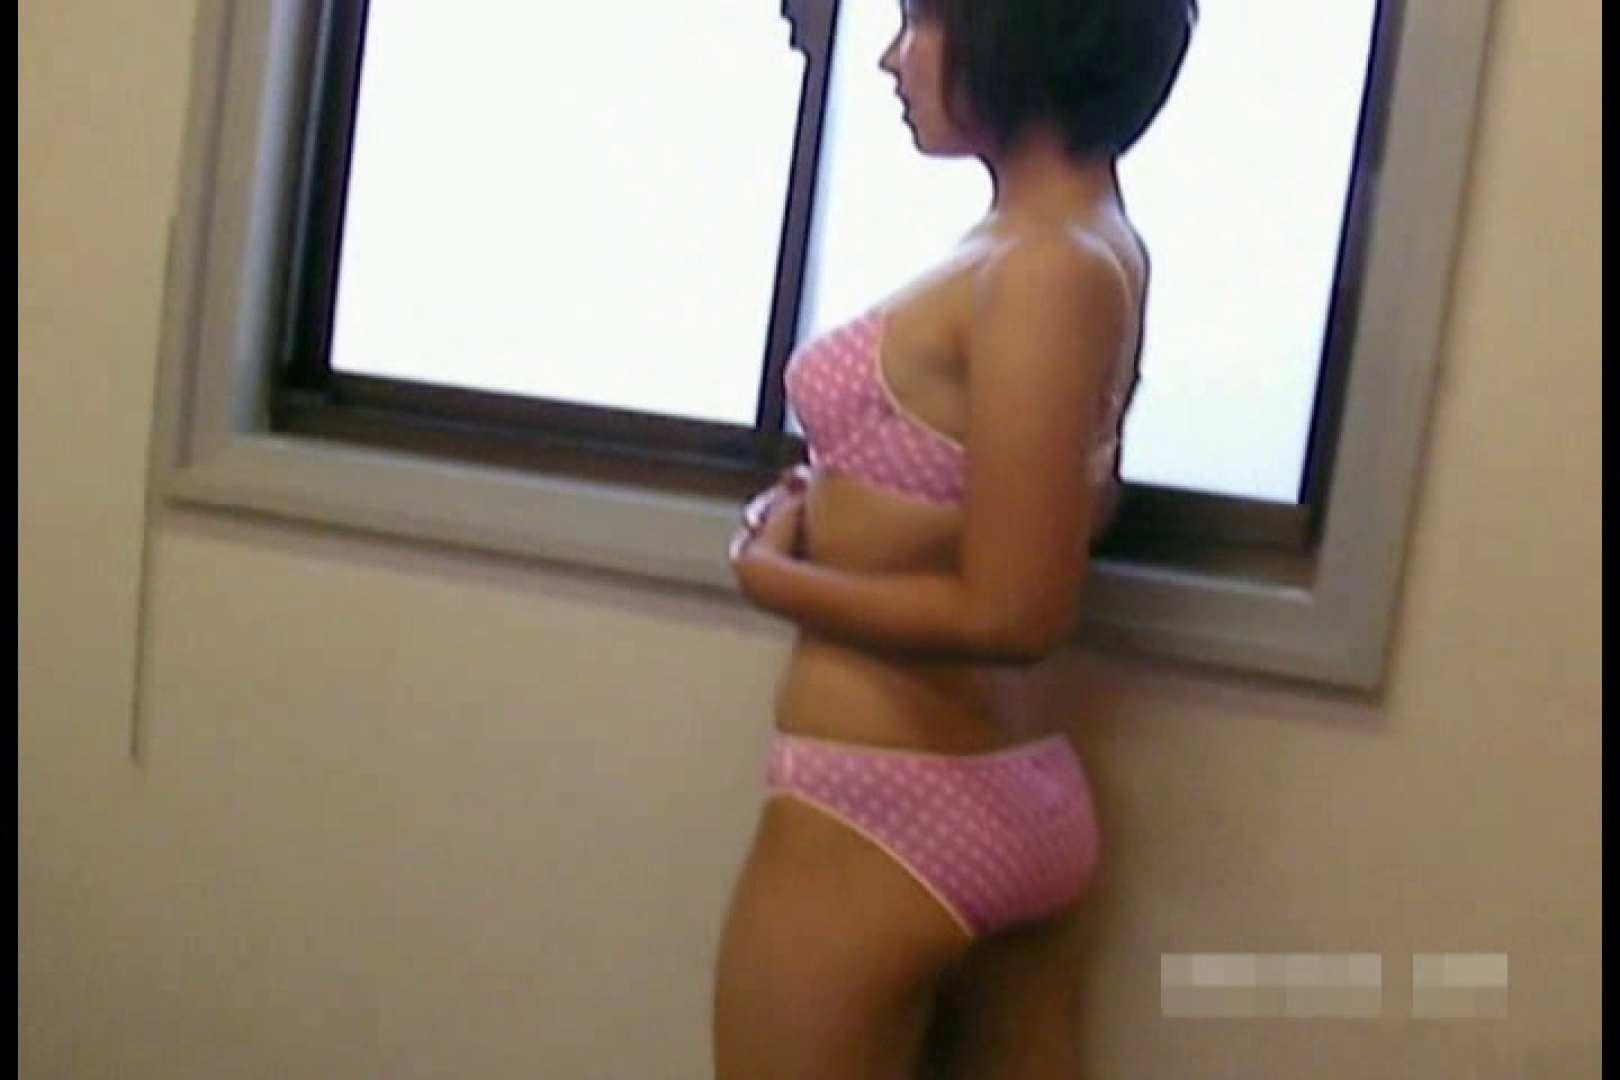 素人撮影 下着だけの撮影のはずが・・・エミちゃん18歳 オマンコ  29連発 24